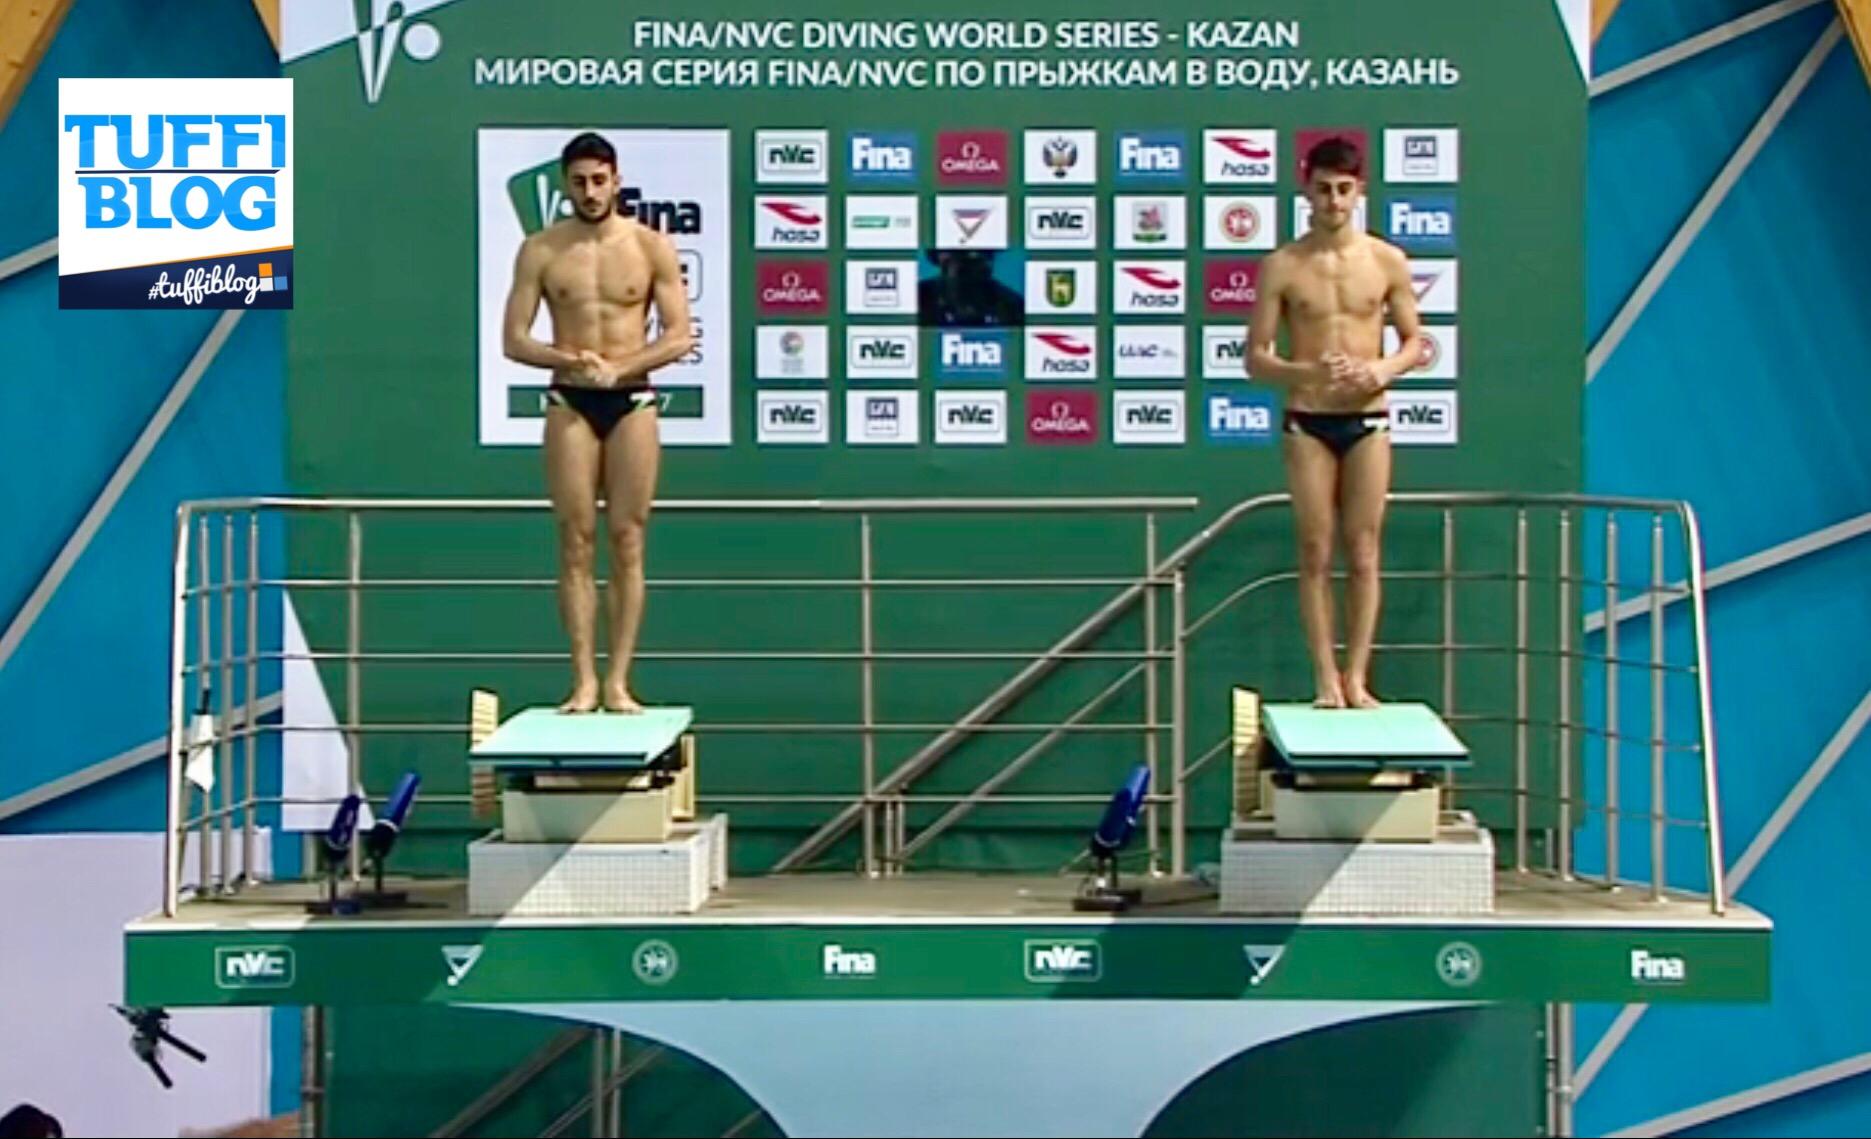 FINA Diving World Series 2017: Kazan — Tocci - Porco, il rovesciato compromette la gara!